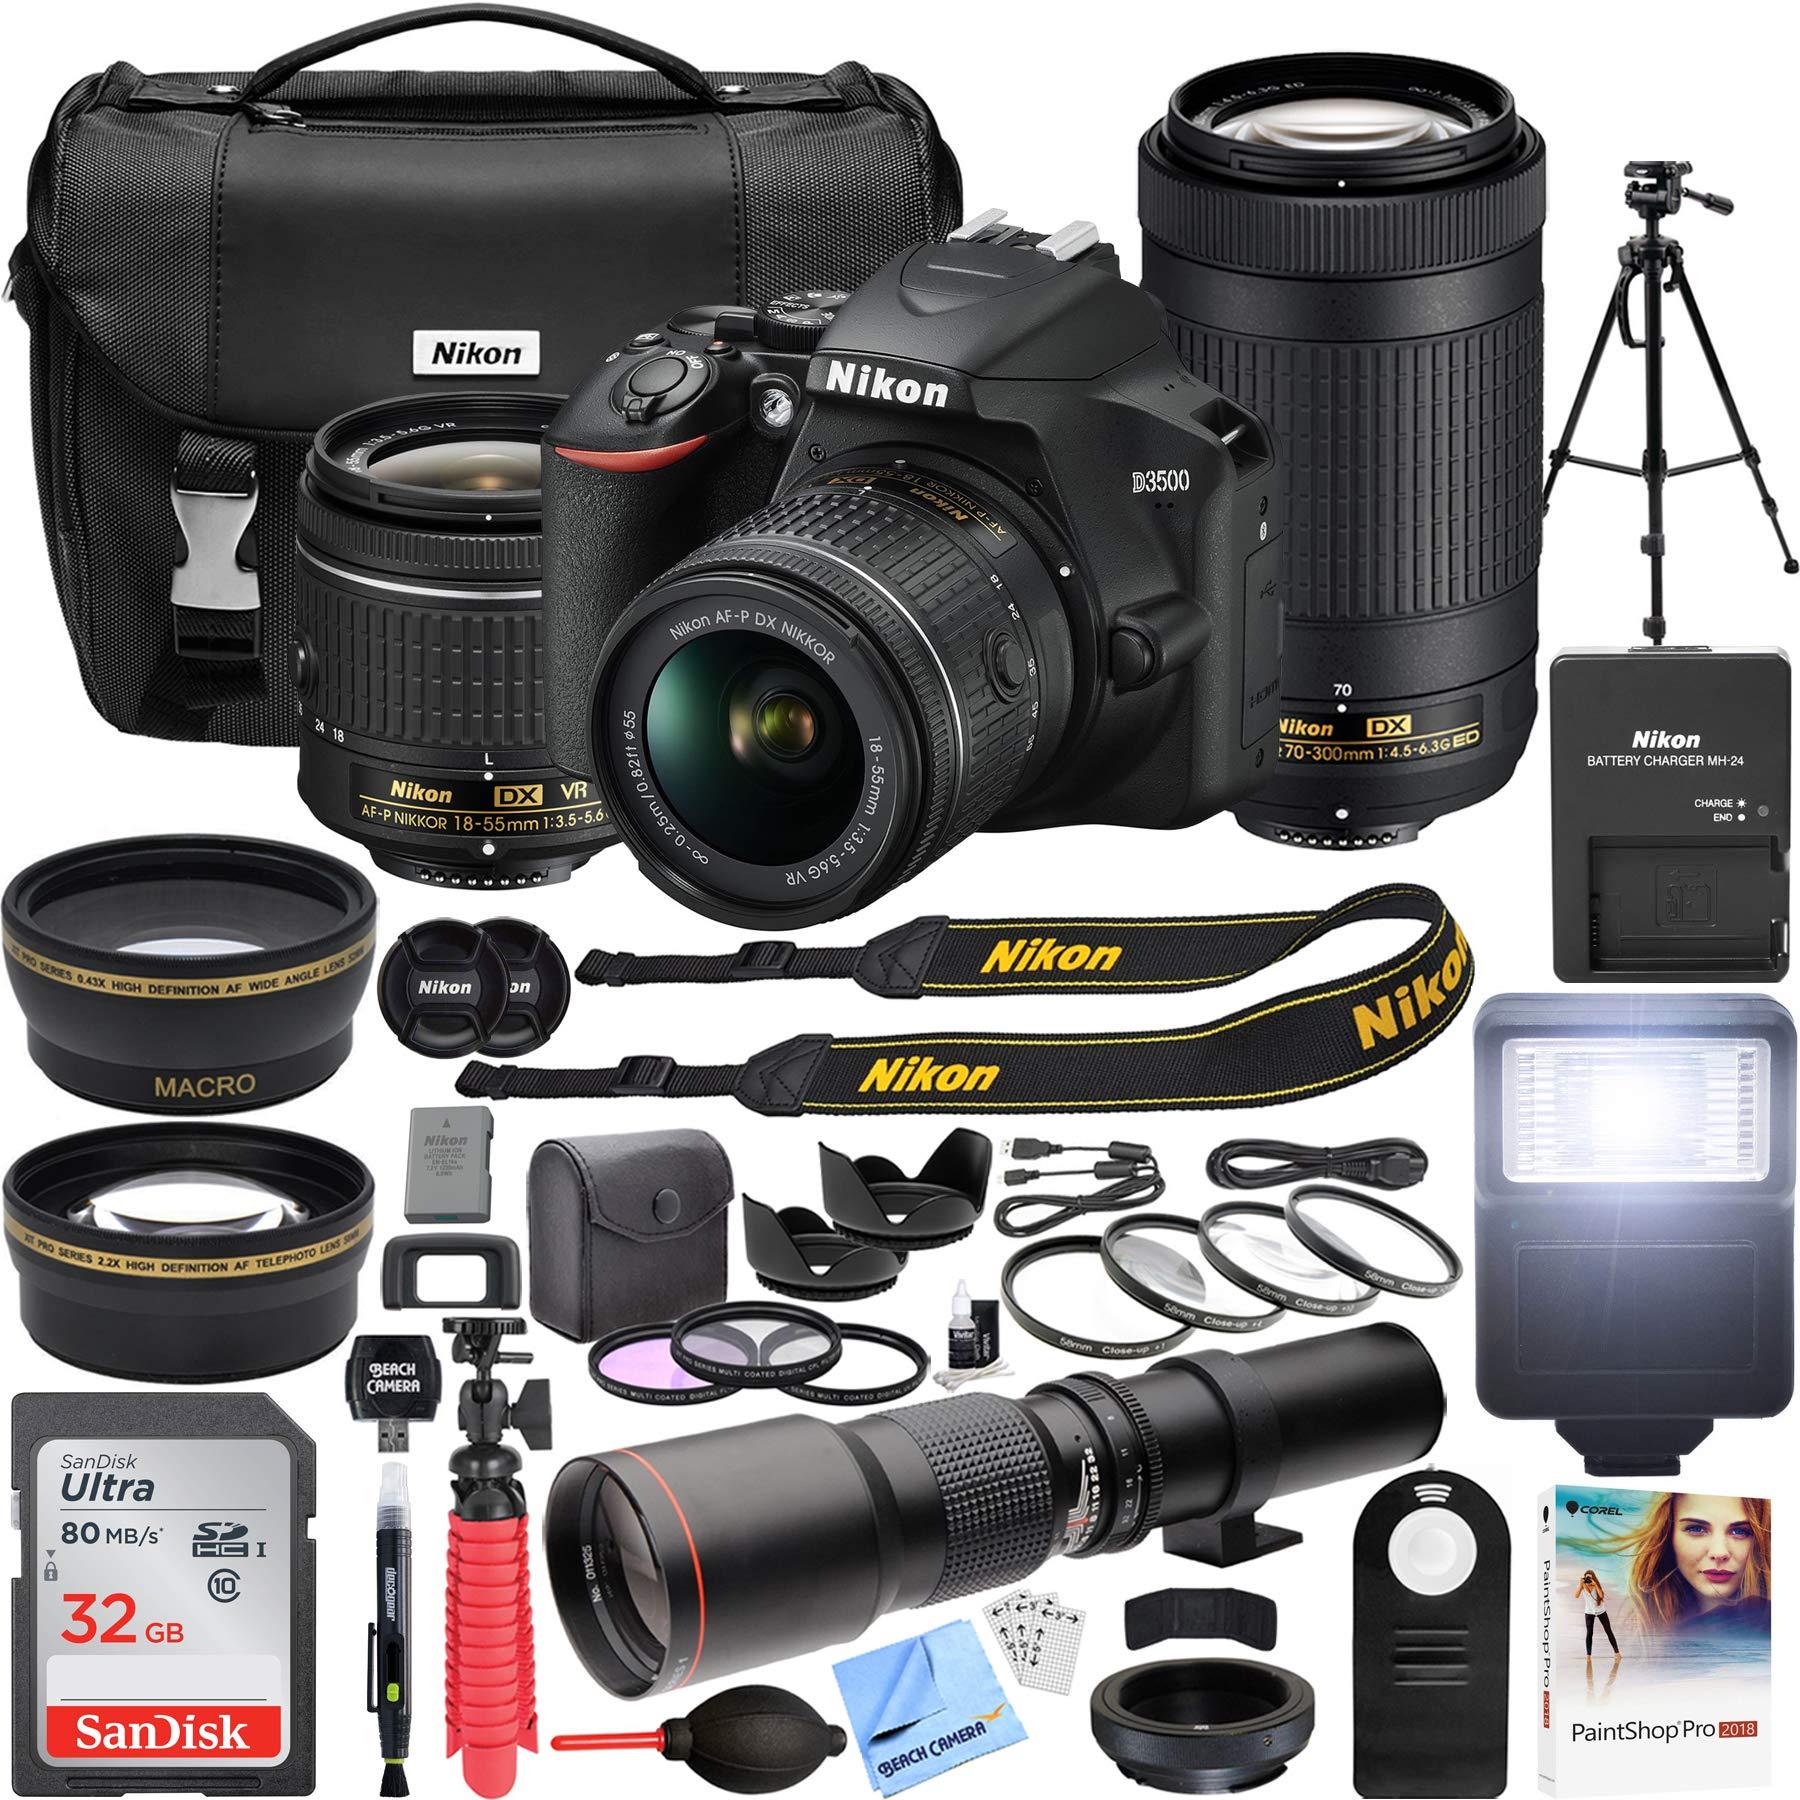 Nikon D3500 DSLR Camera with 2 Lens NIKKOR AF-P DX 18-55mm f/3.5-5.6G VR and 70-300mm f/4.5-6.3G ED Dual Zoom Lens Kit + 500mm Preset f/8 Telephoto Lens + 0.43x Wide Angle, 2.2X Pro Bundle